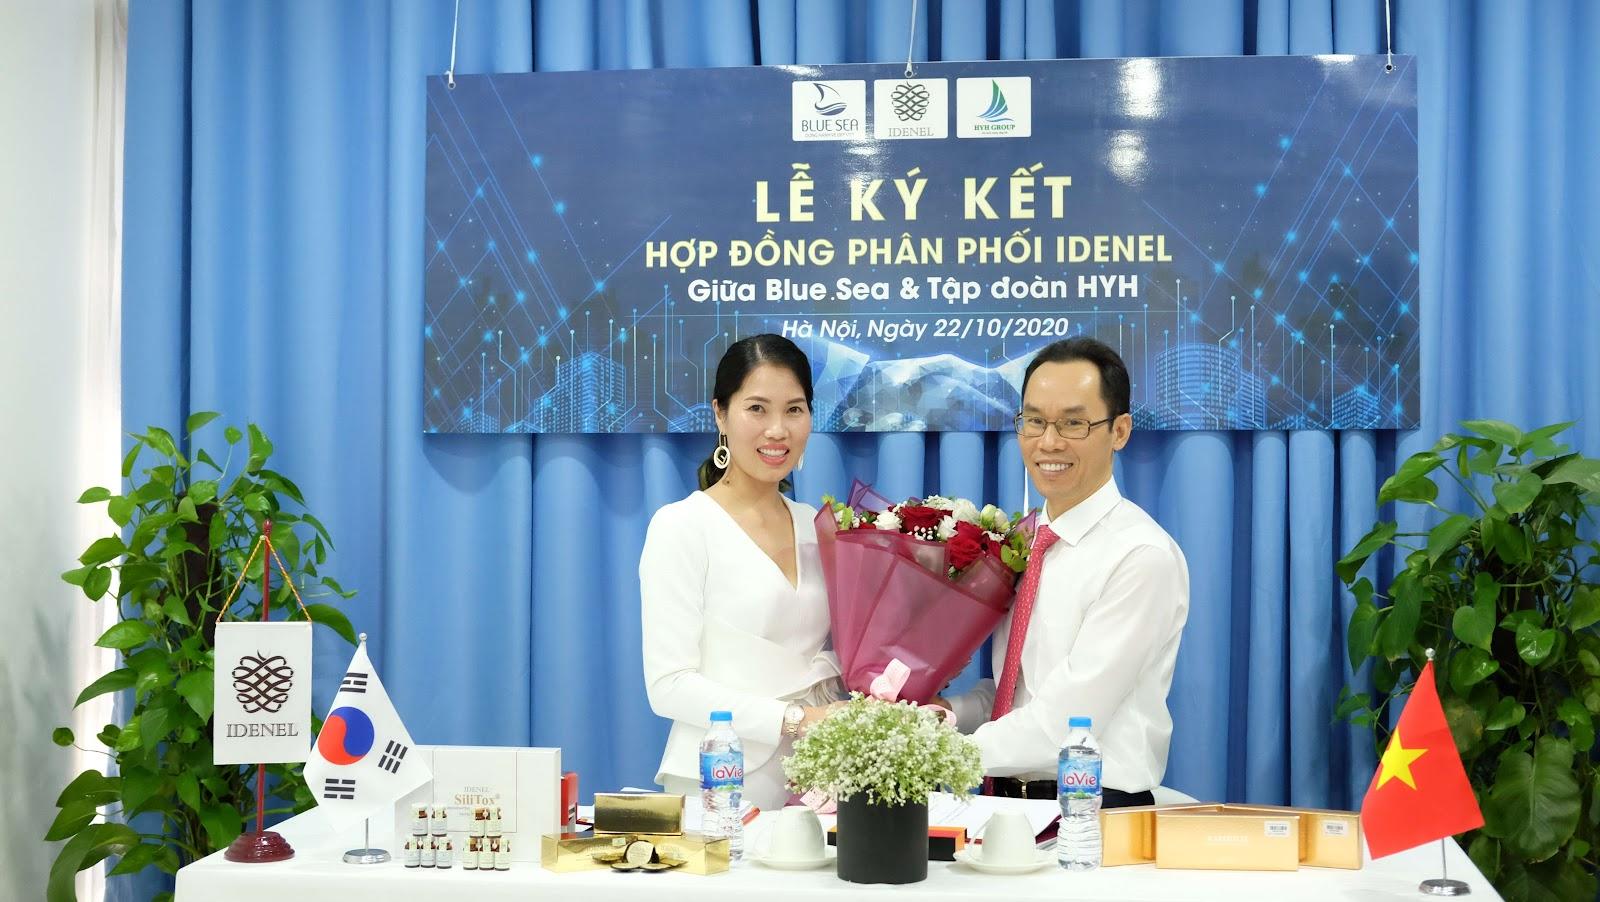 Lễ ký kết thành công tốt đẹp giữa  BlueSea & Tập đoàn HYH.